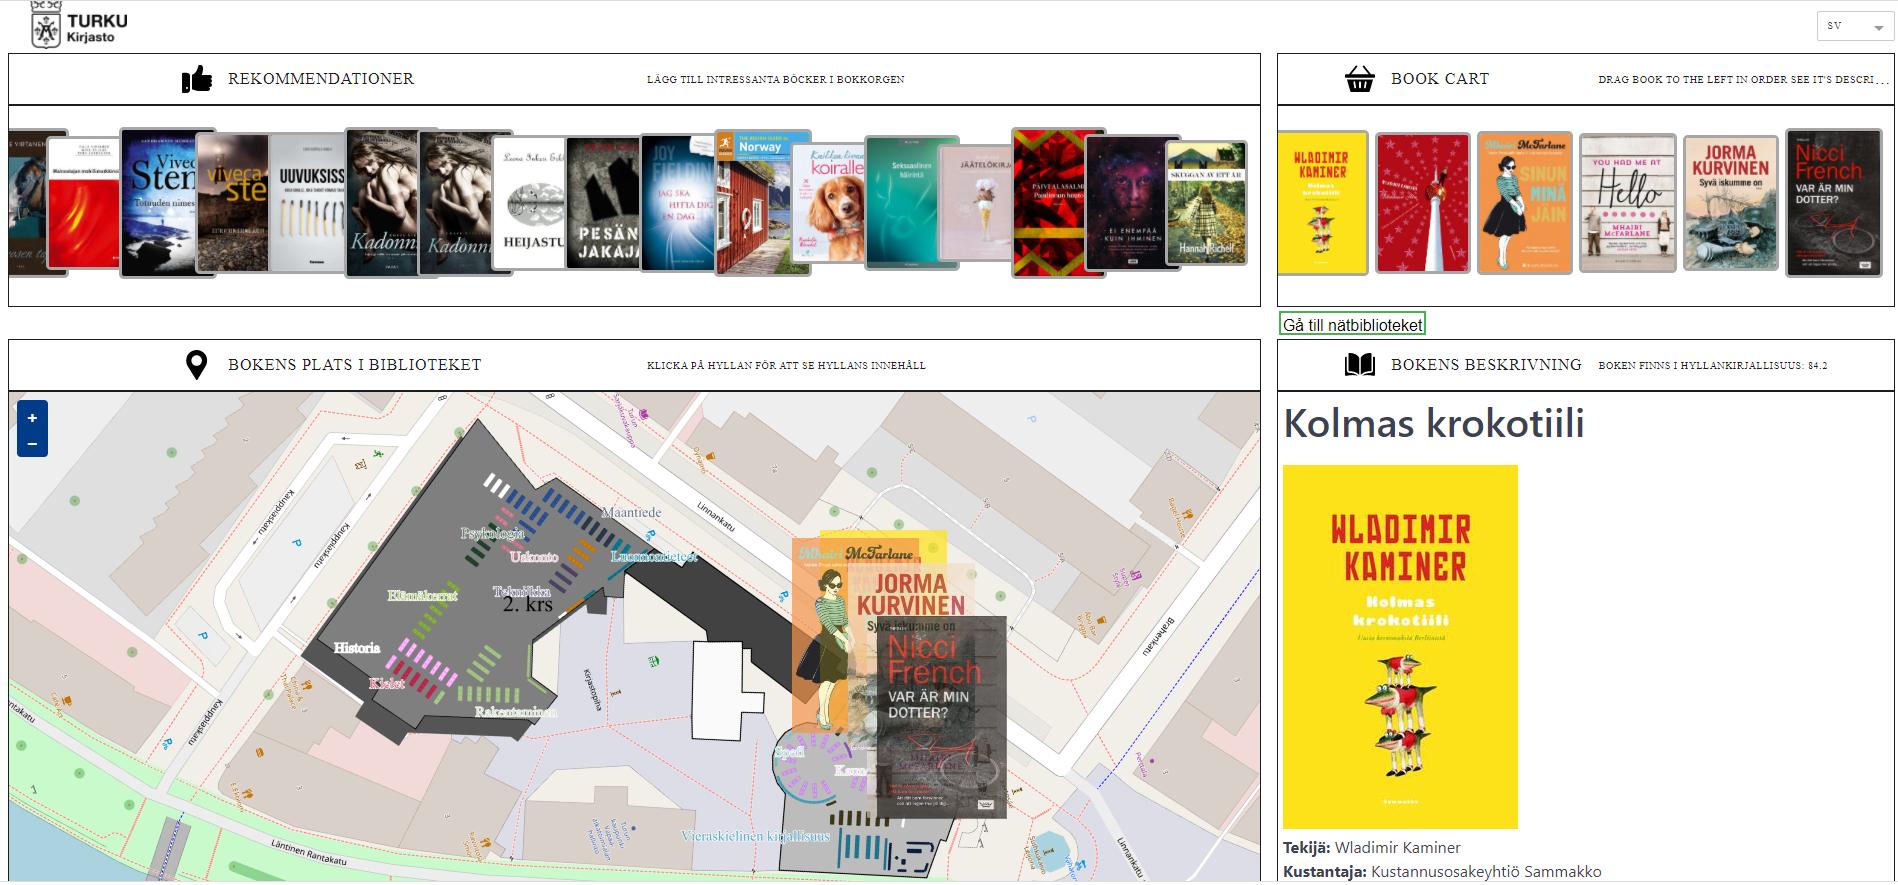 Åboks gränssnitt består av ett antal boktitlar i överkant, nokkorg med valda böcker i till höger och en karta över bokens placering på biblioteket till vänster.